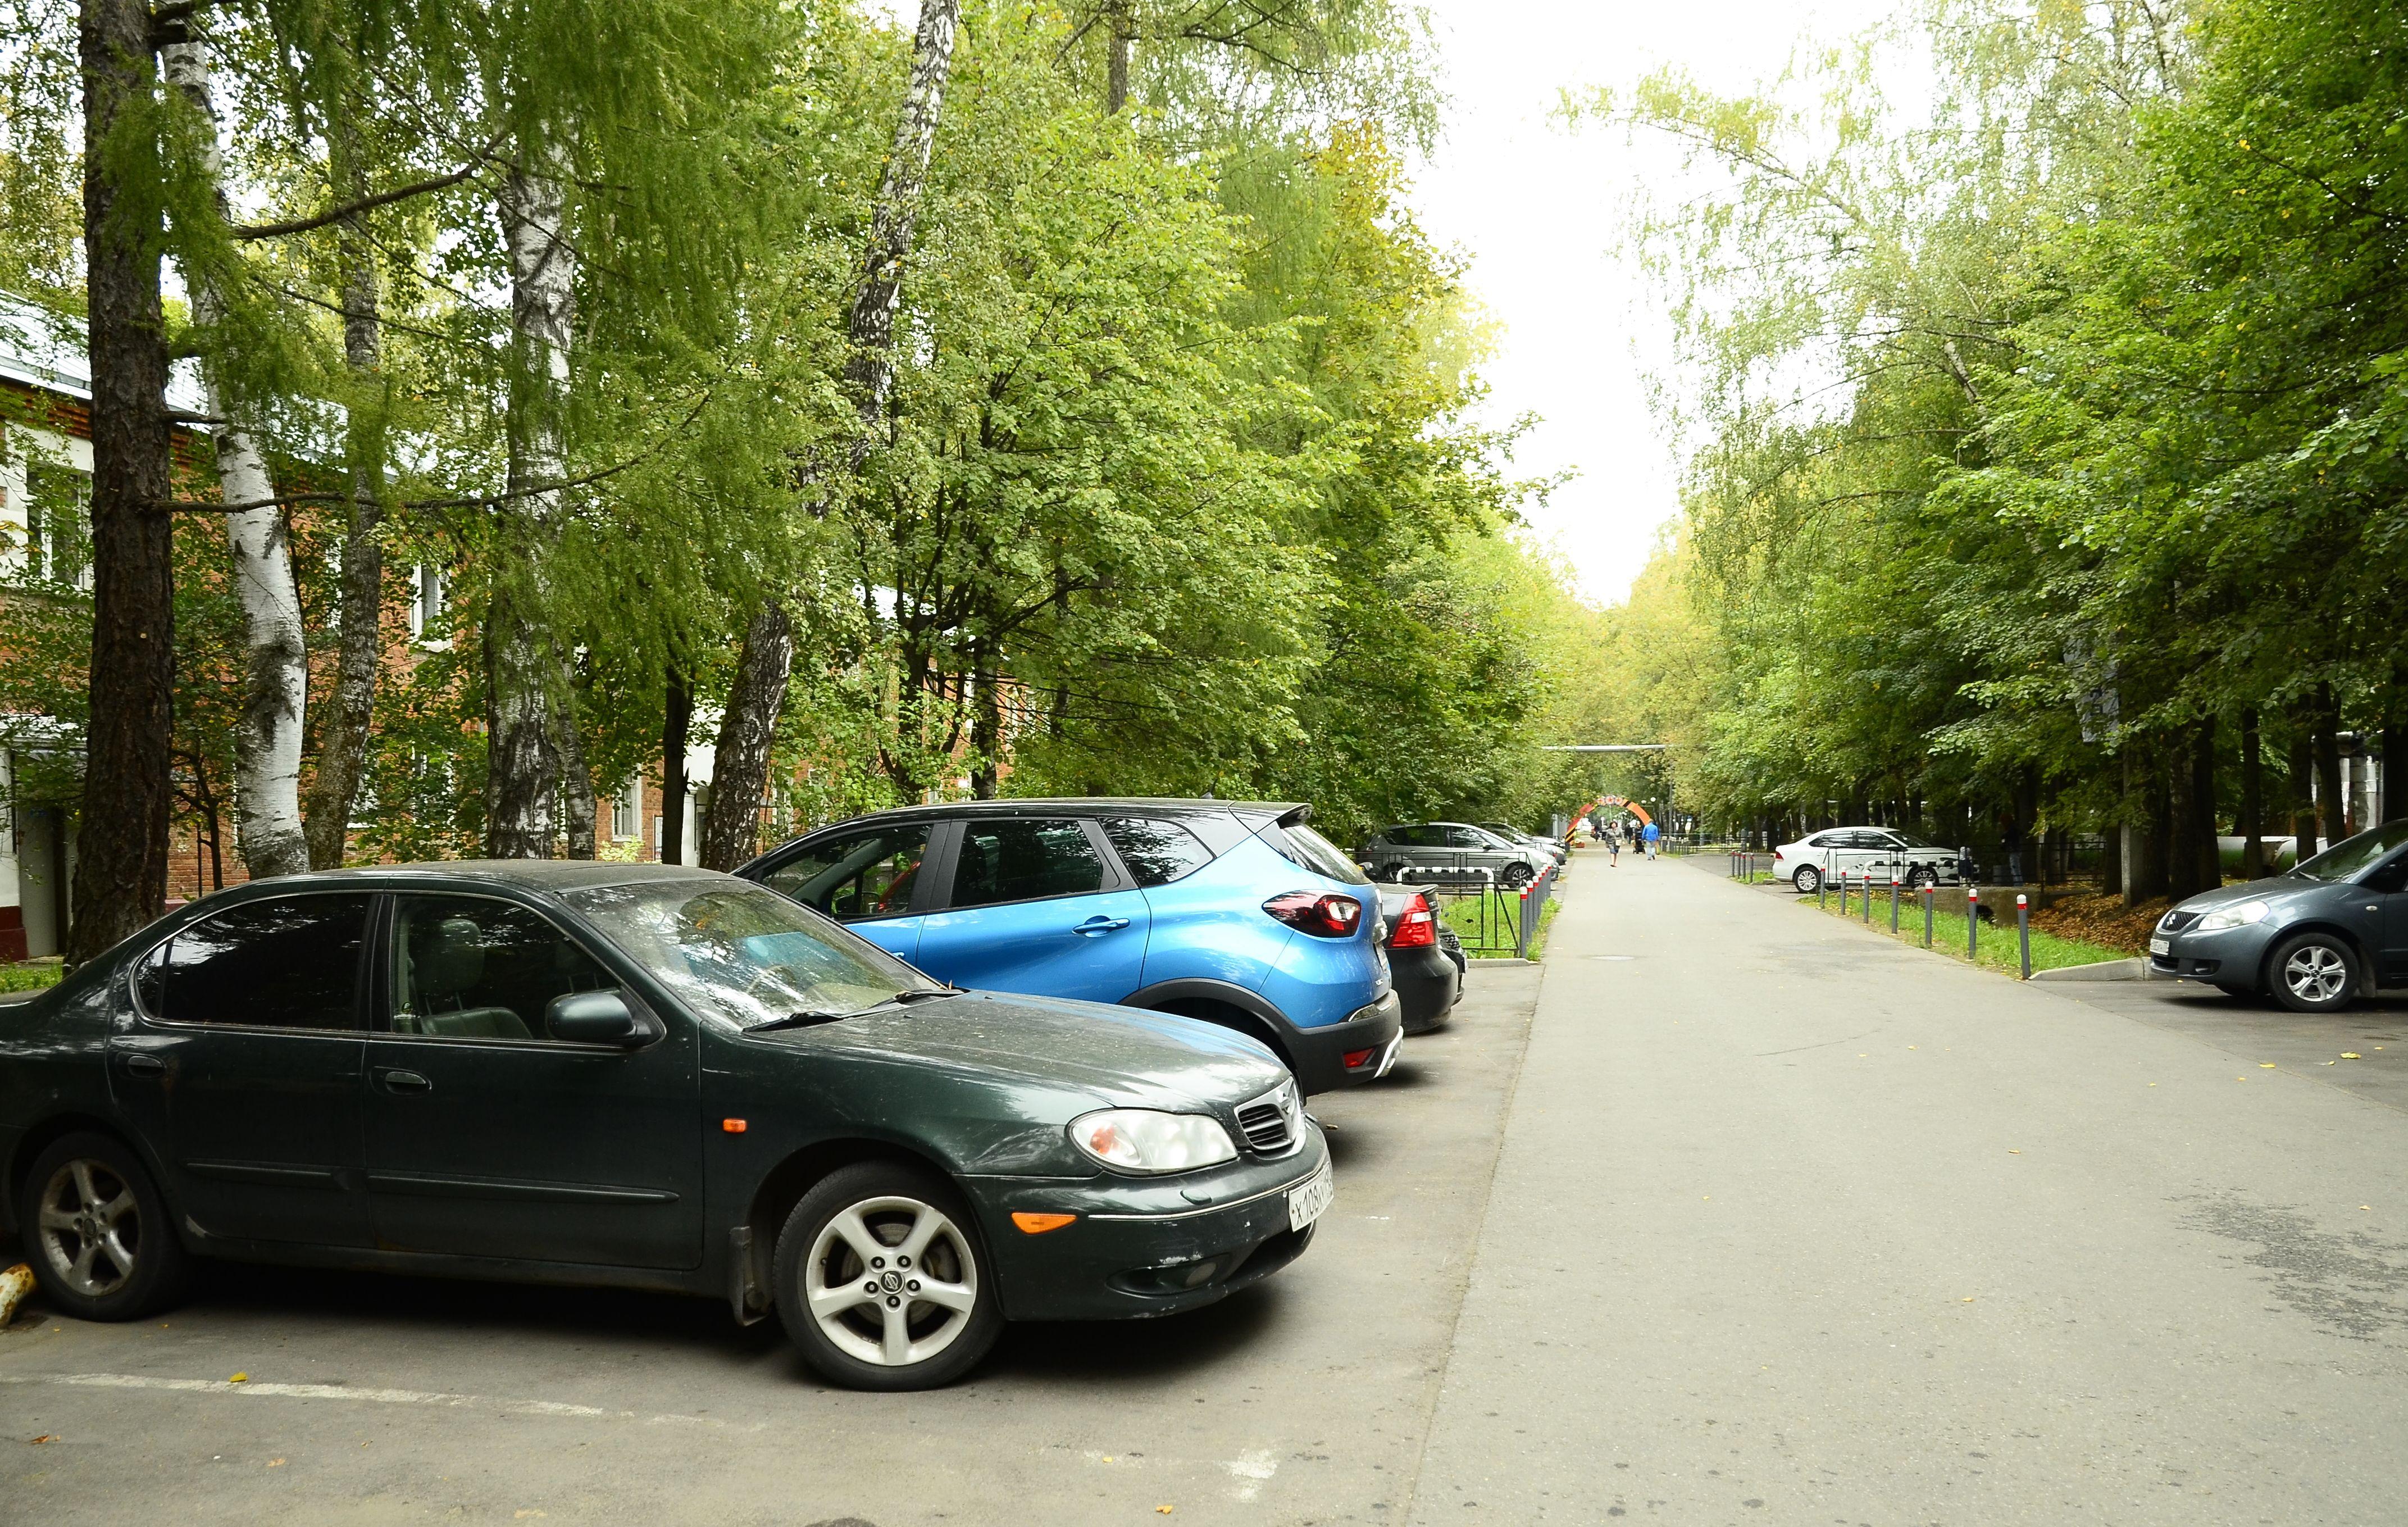 Более 13 тысяч парковочных разрешений получили и продлили москвичи во время самоизоляции